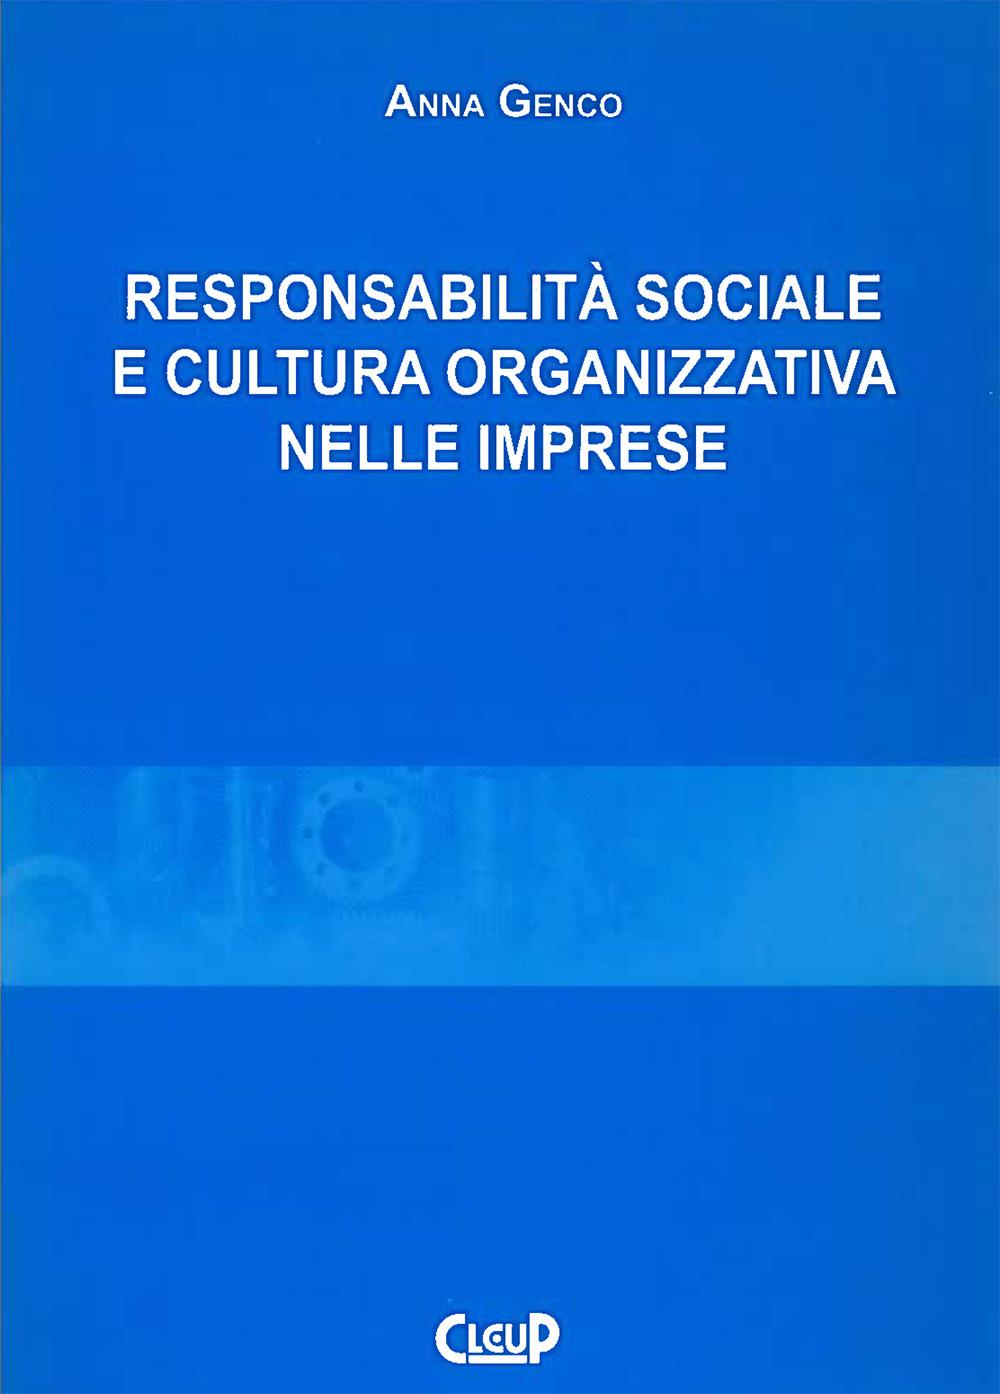 Responsabilità sociale e cultura organizzativa nelle imprese